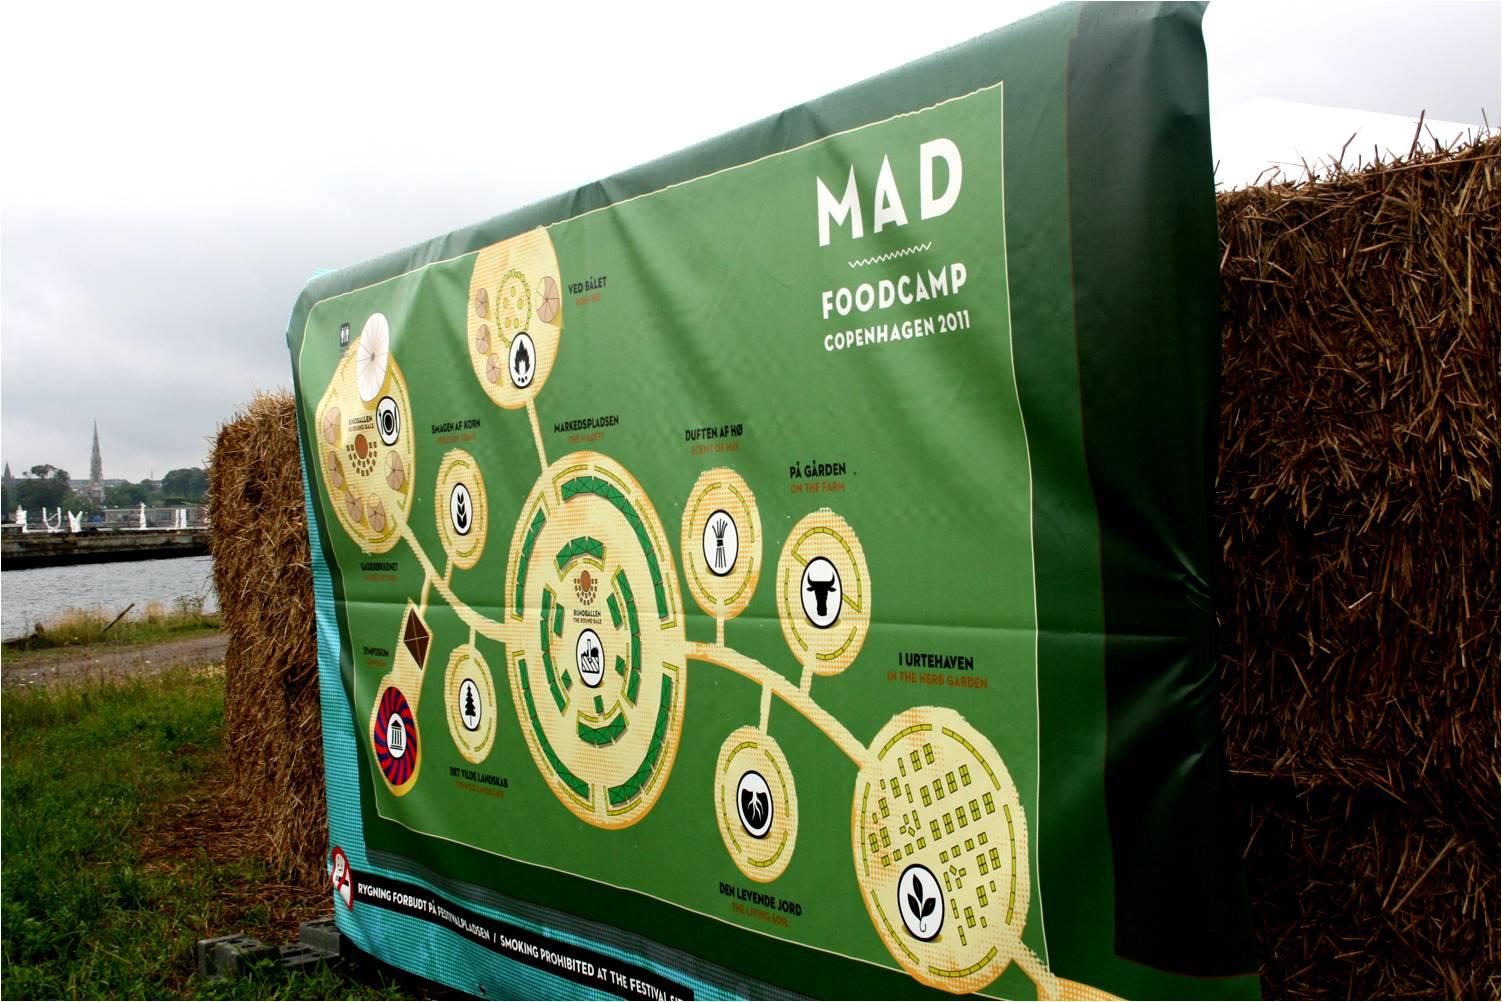 MAD FoodCamp: El sueño vegetal nórdico - Gastroeconomy